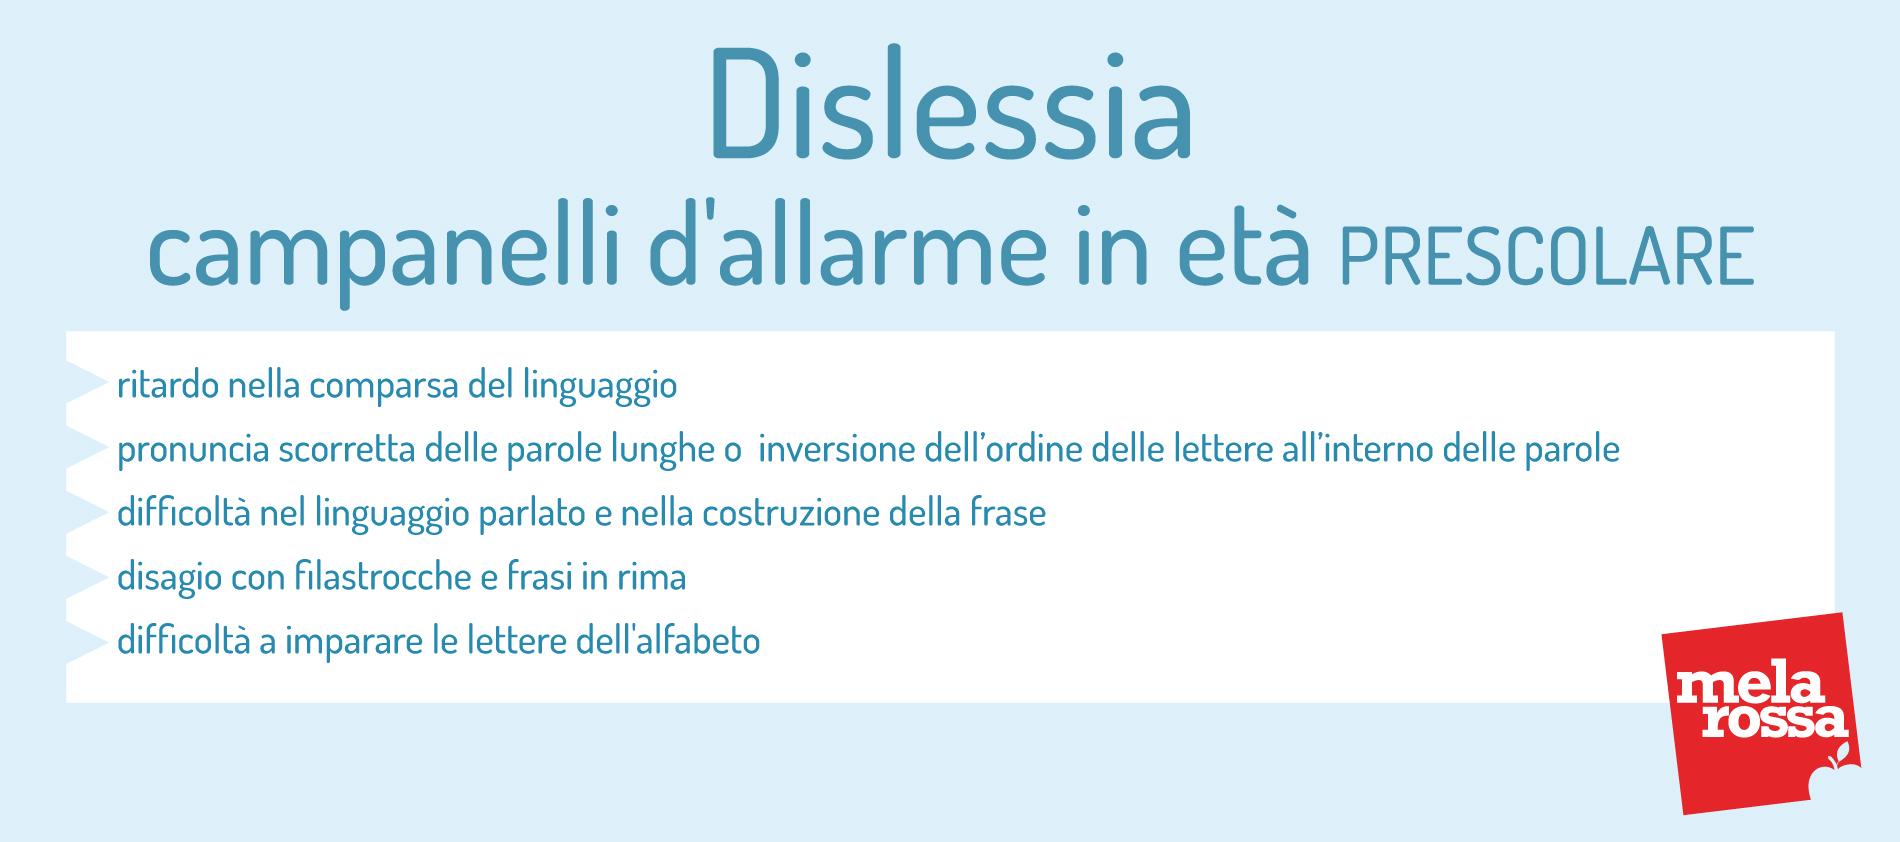 dislessia: campanelli d'allarme in età scolare